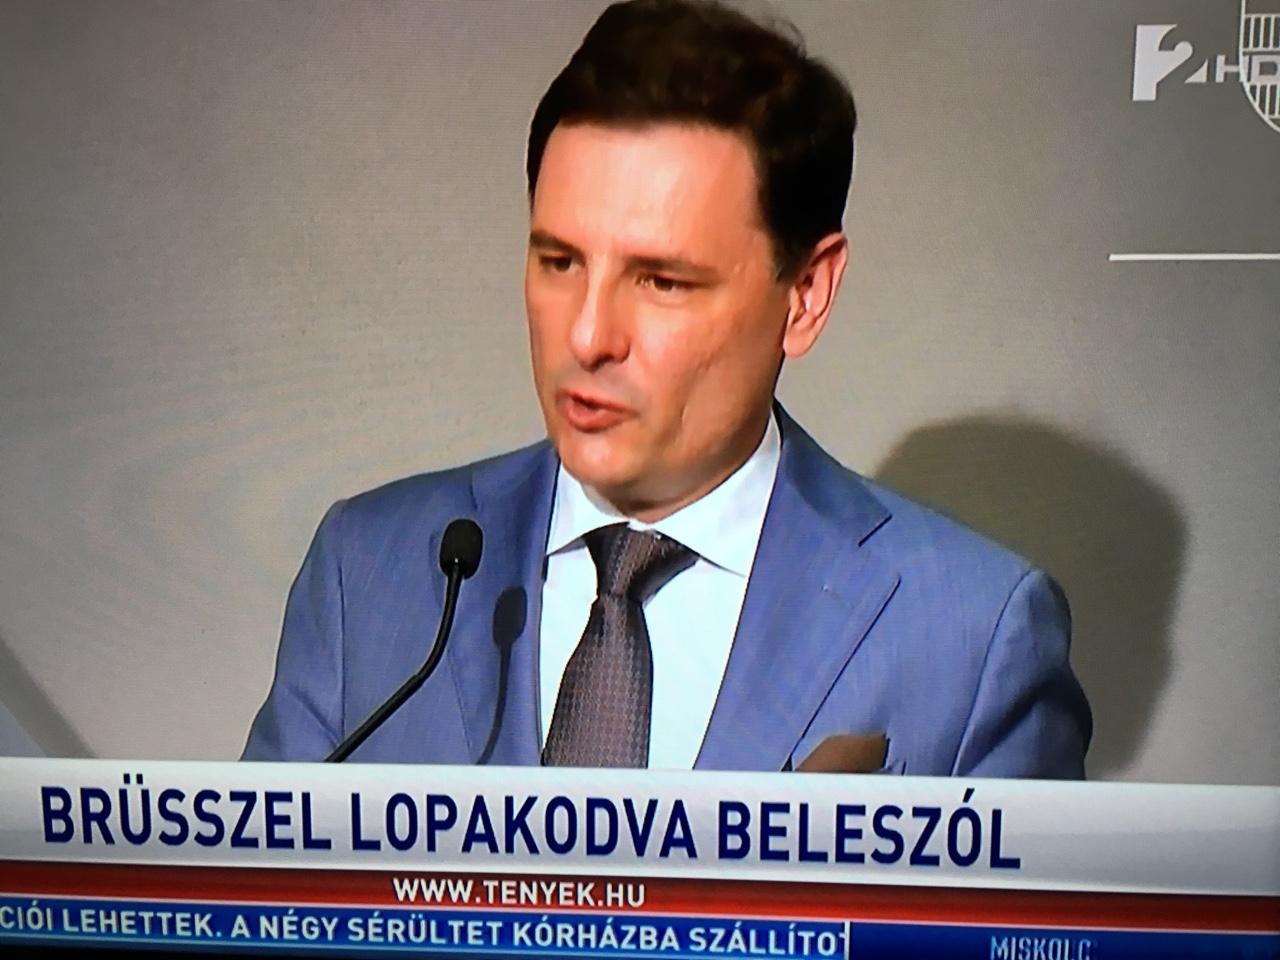 propaganda8_tenyek_tv2.jpg